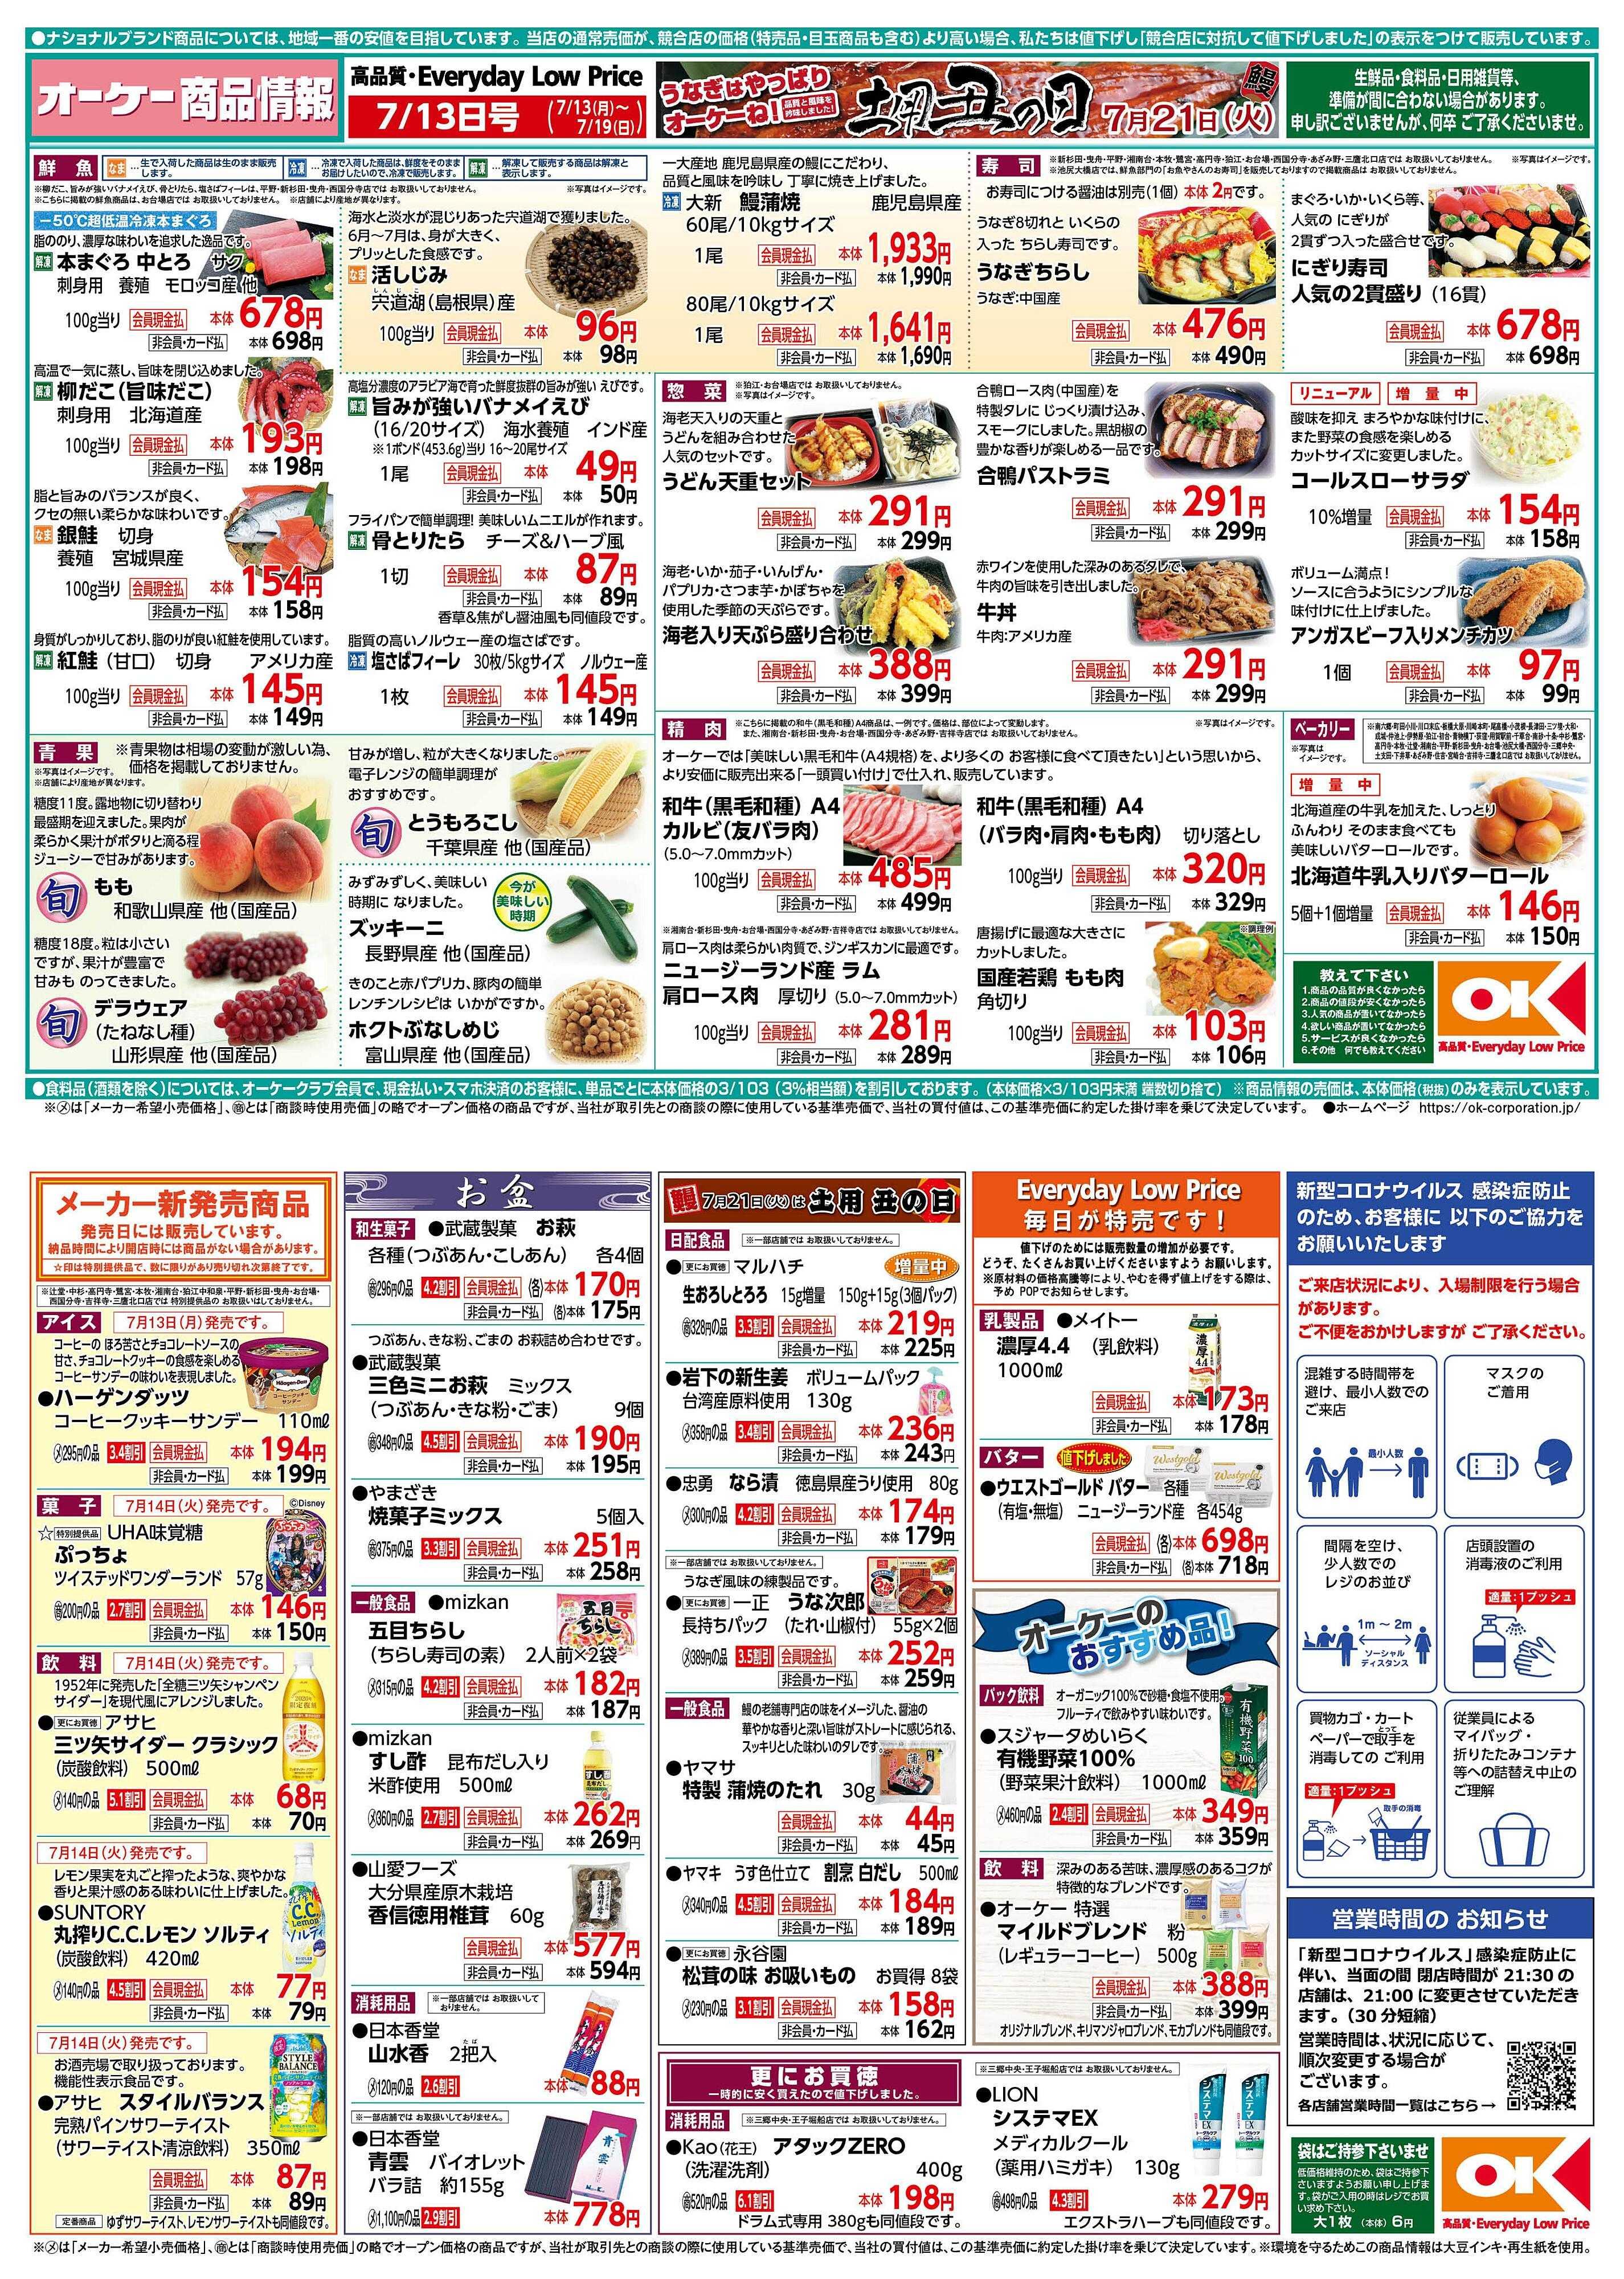 オーケー 商品情報紙7月13日号